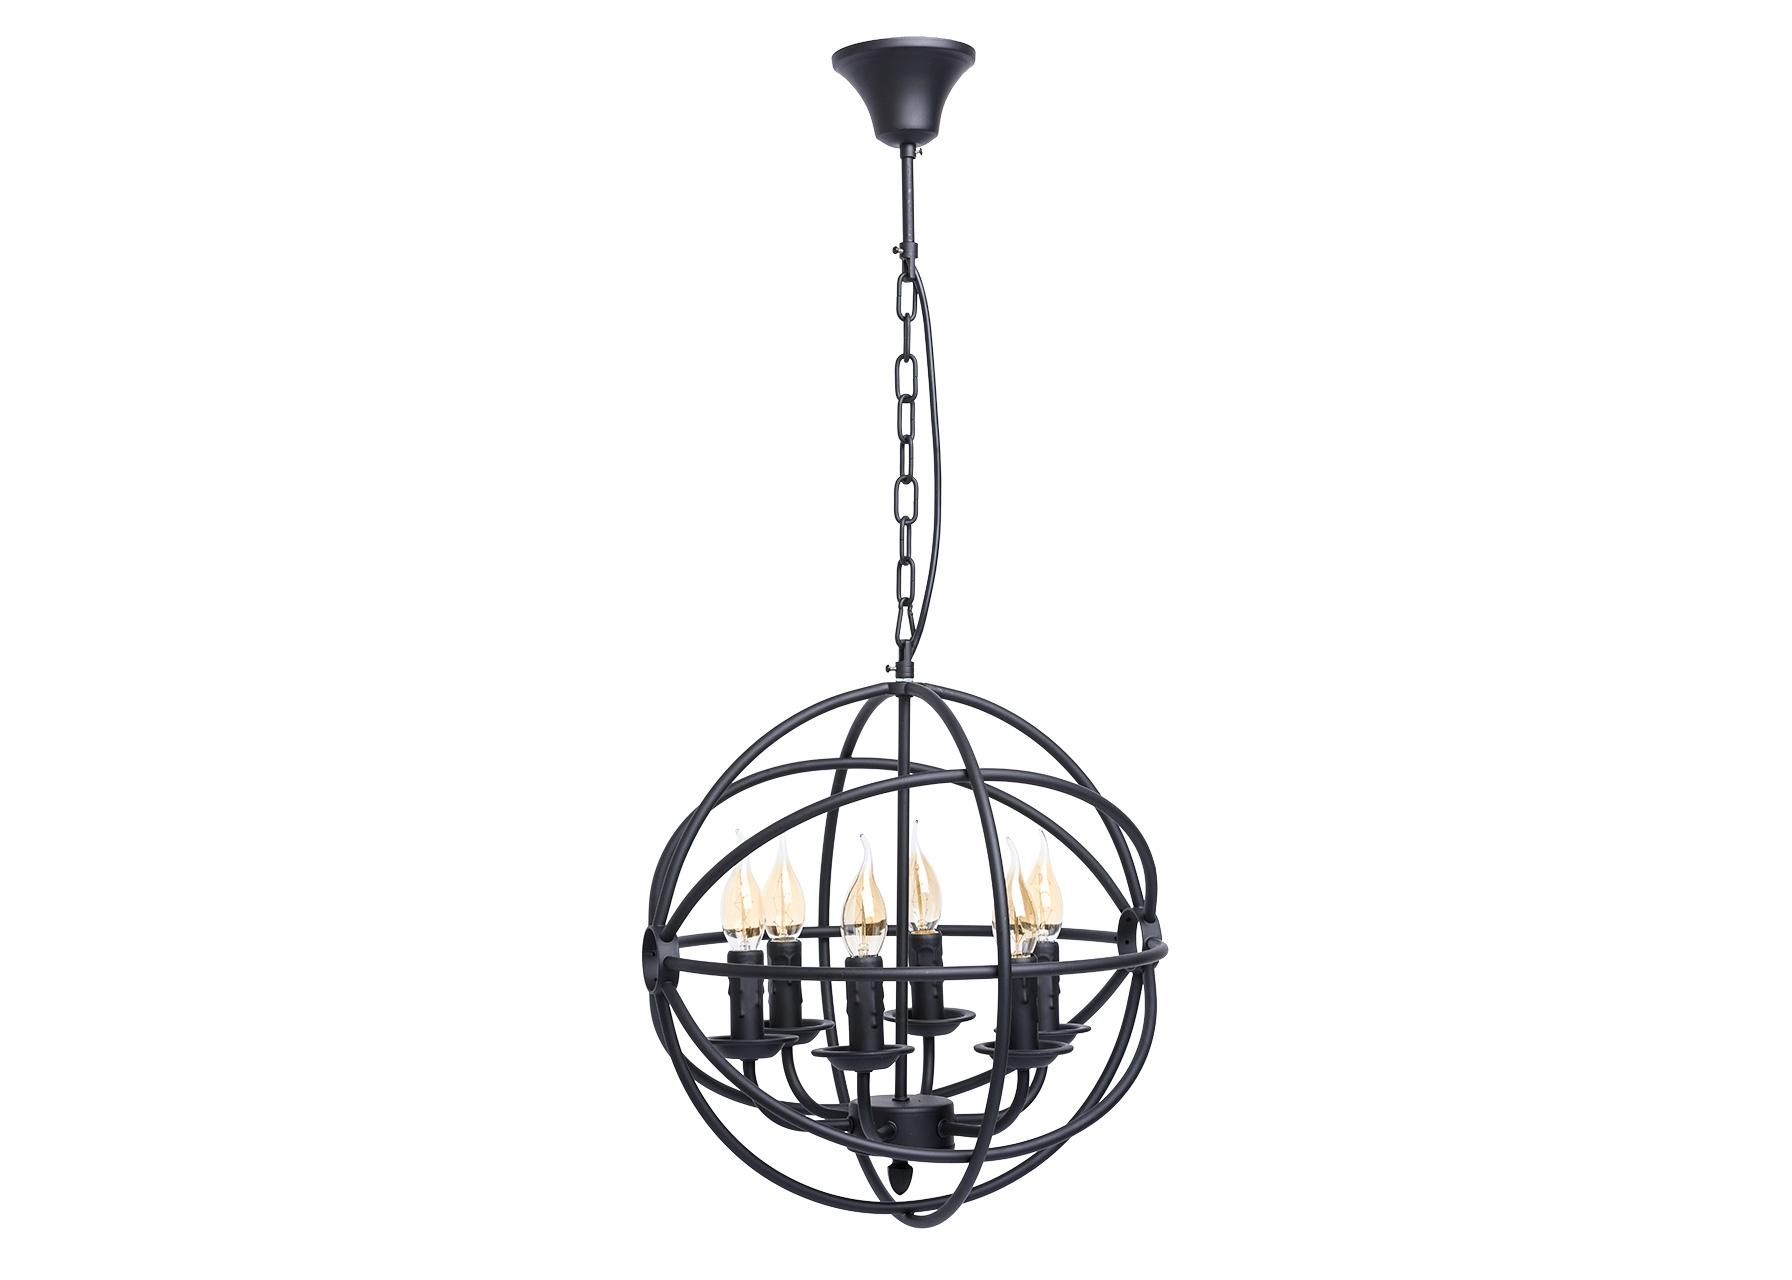 ЛюстраЛюстры подвесные<br>&amp;lt;div&amp;gt;Любителям оригинальных решений в интерьере идеально подойдет люстра из коллекции «Замок». &amp;amp;nbsp;Она привлекает своим необычным исполнением: матовое металлическое основание чёрного цвета закручено в &amp;amp;nbsp;виде сфер, при включенном свете оно подсвечивается, создавая мистическое сияние и тени. Источник света – свечи с эффектом тающего воска, оригинально выделяющие кольца &amp;amp;nbsp;в вечернем освещении. Трендовый дизайн подчеркнуто брутален. Рекомендуемая площадь освещения порядка 18 кв.м.&amp;lt;/div&amp;gt;&amp;lt;div&amp;gt;Арматура выполнена из сплава металла и окрашена в черный цвет. Декоративные напатронники также окрашены в черный цвет и имитируют оплавленную свечу. Оригинальным декоративным приемом является переплетение сферических окружностей, также выполненных из сплава металла и окрашенных в черный цвет.&amp;lt;/div&amp;gt;&amp;lt;div&amp;gt;&amp;lt;br&amp;gt;&amp;lt;/div&amp;gt;&amp;lt;div&amp;gt;Вид цоколя: E14&amp;lt;/div&amp;gt;&amp;lt;div&amp;gt;Мощность: &amp;amp;nbsp;60W&amp;amp;nbsp;&amp;lt;/div&amp;gt;&amp;lt;div&amp;gt;Количество ламп: 6 (нет в комплекте)&amp;lt;/div&amp;gt;<br><br>Material: Металл<br>Height см: 90<br>Diameter см: 40